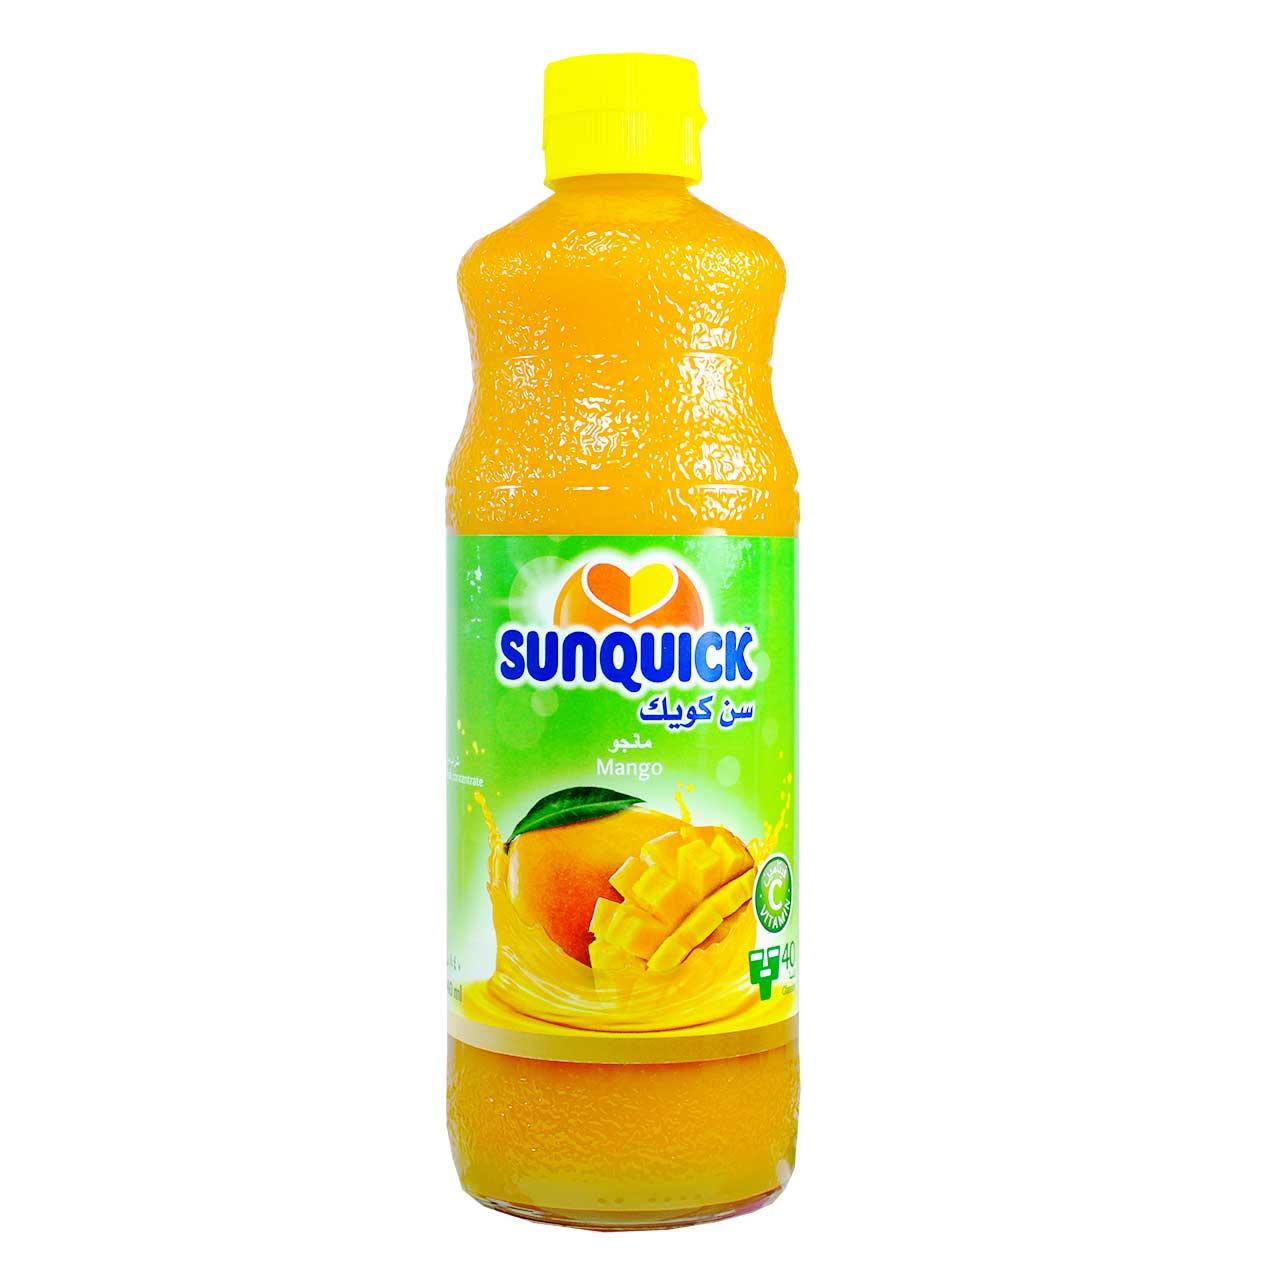 شربت انبه سن کوییک – sunquick